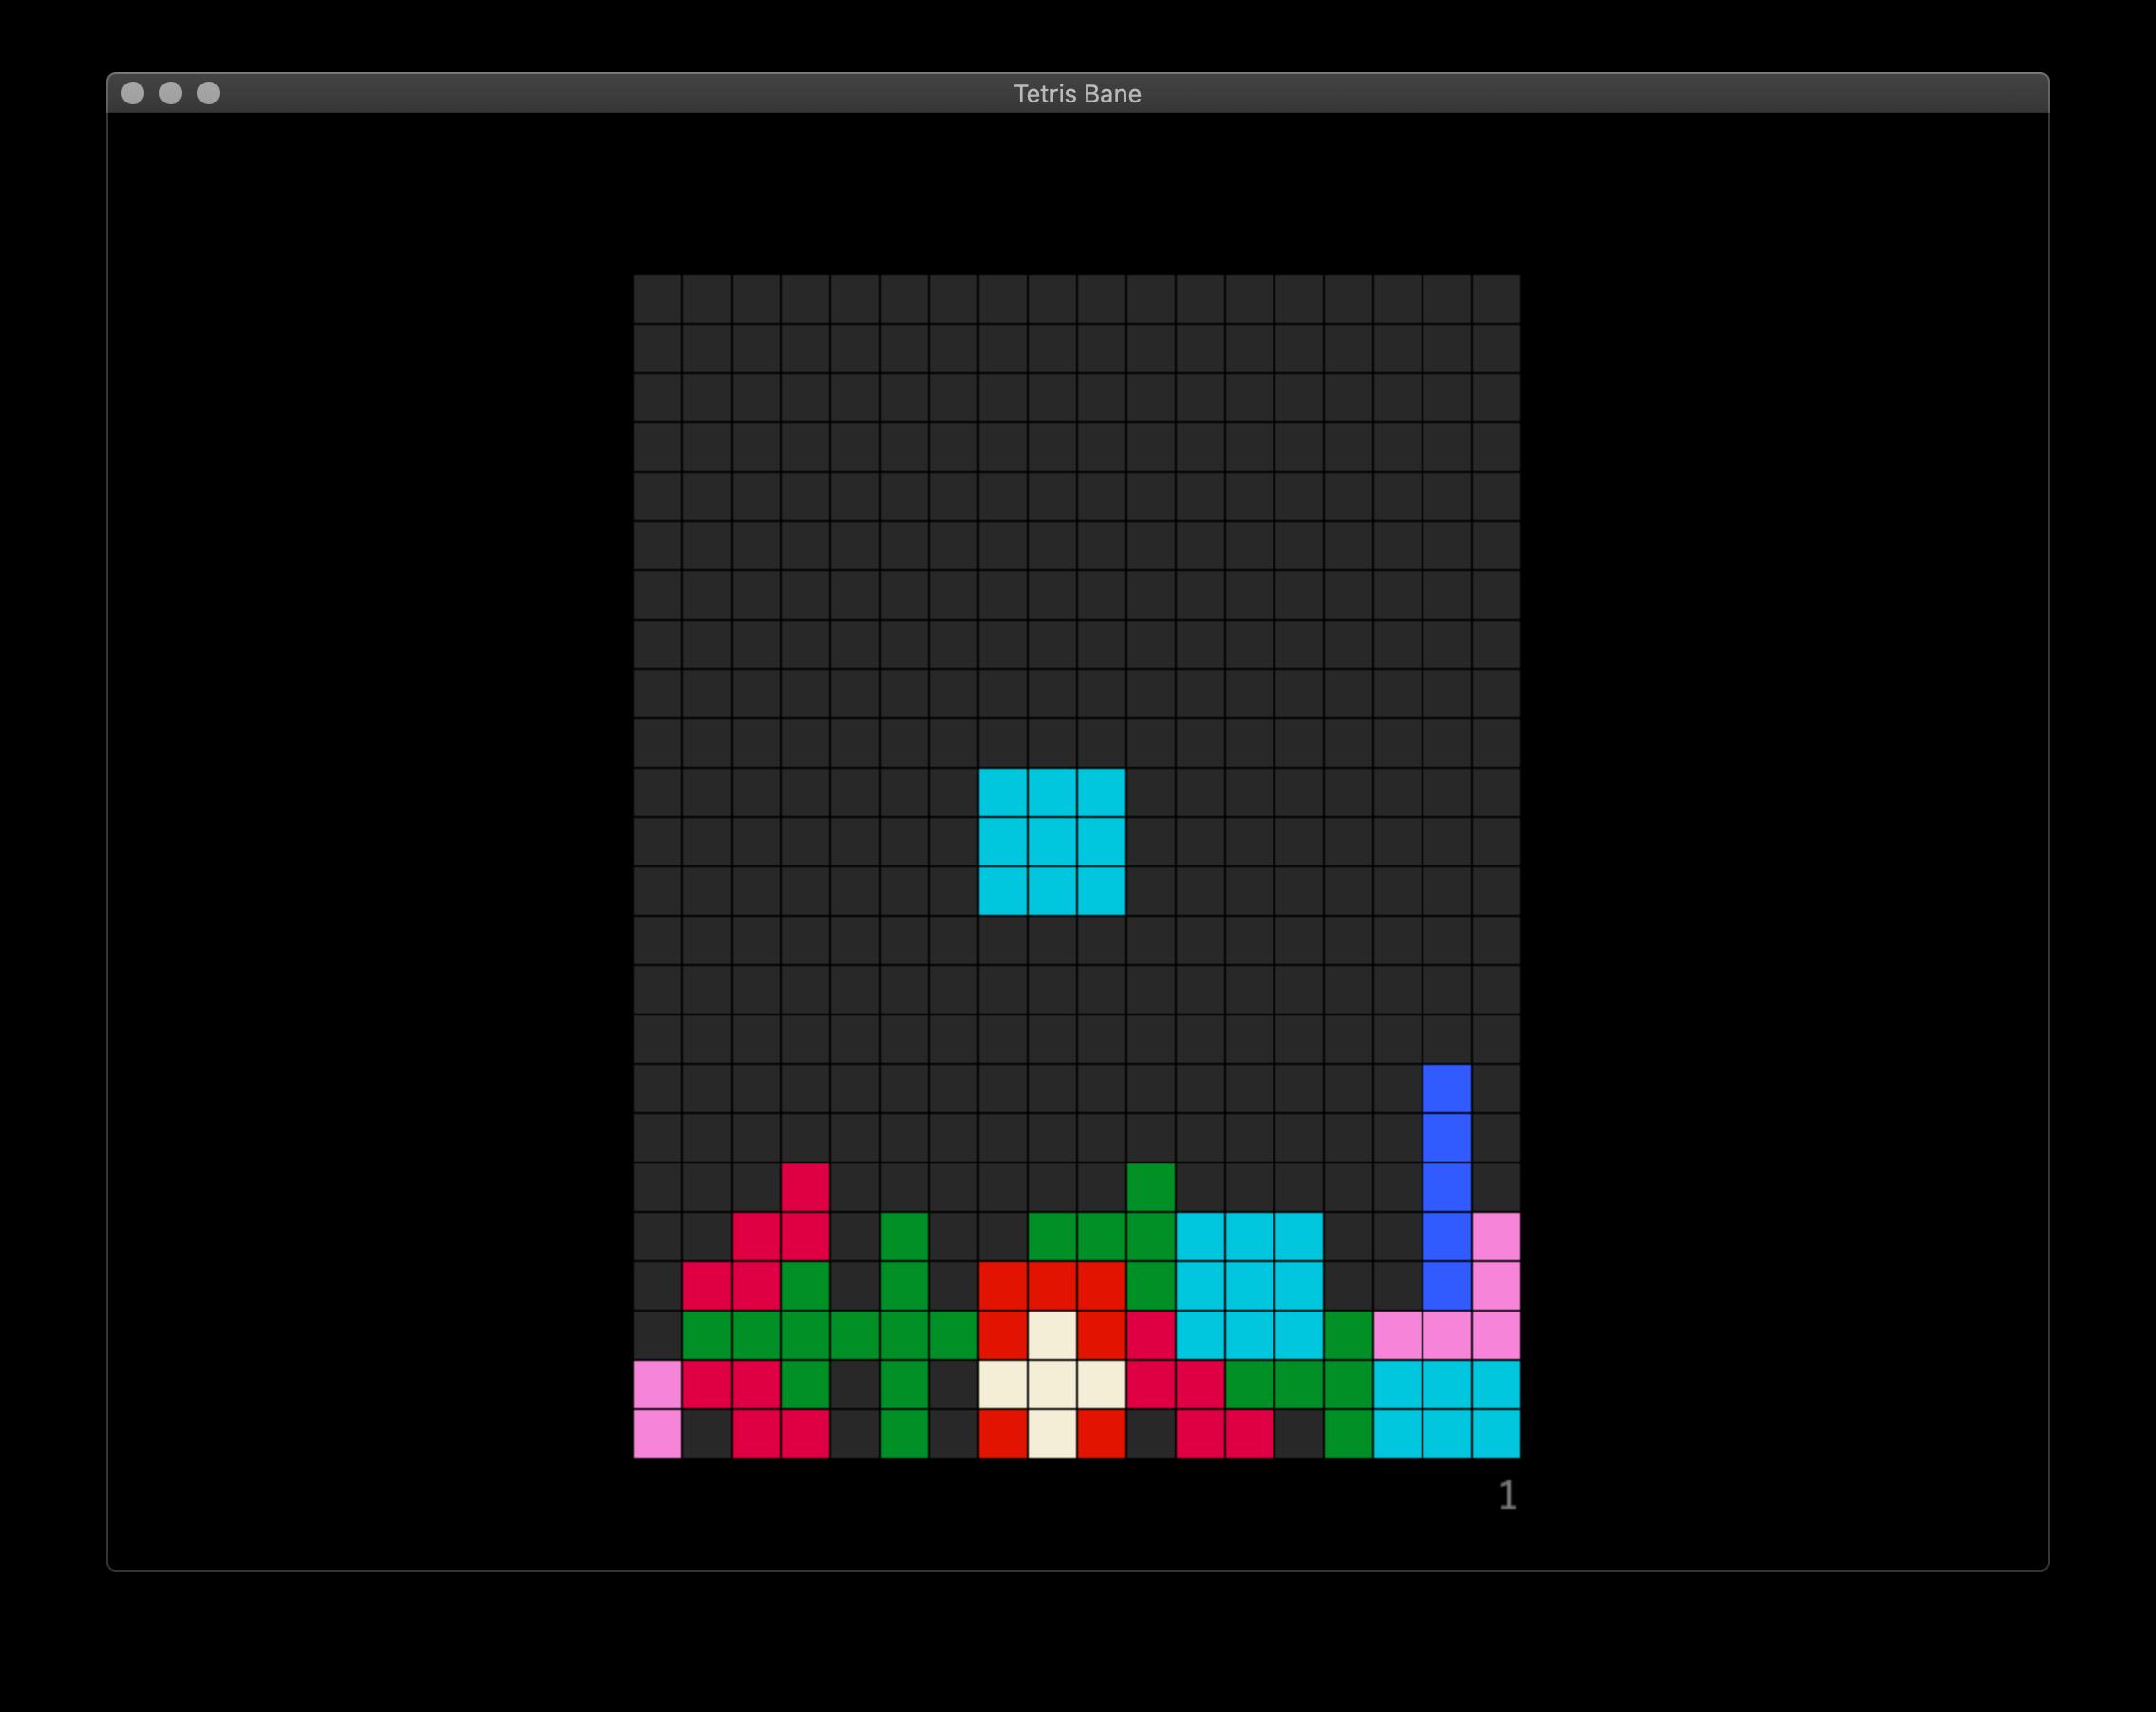 Tetris Bane